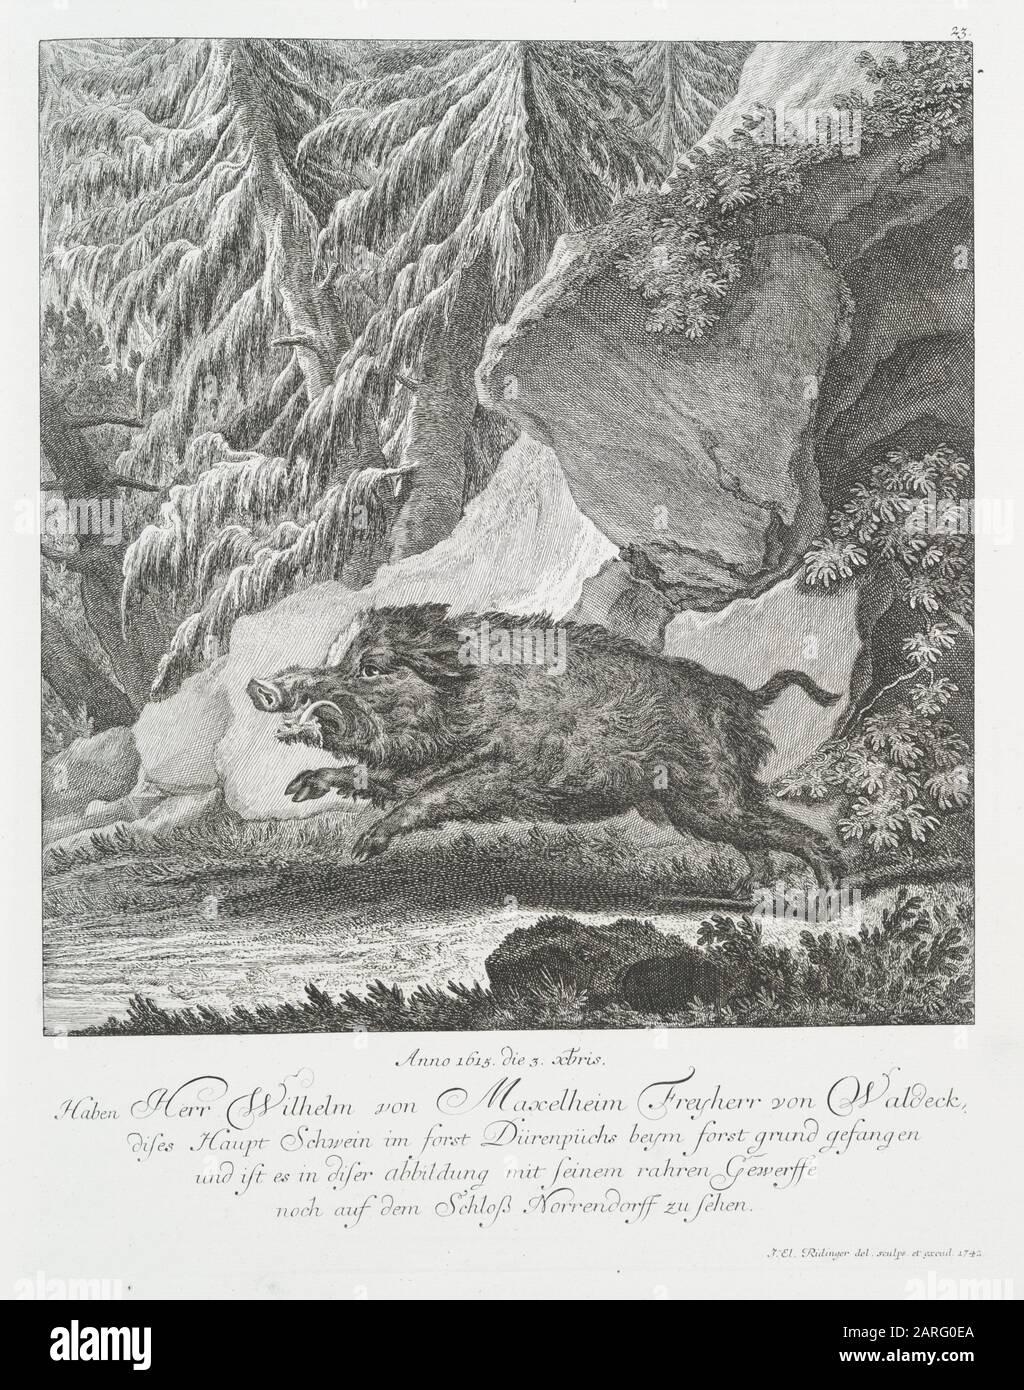 Anno 1615, the 3 xbris. Have caught Mr. Wilhelm von Maxelheim Freyherr von Waldeck, his main pig in the forest of Dürenpüchs near Forstsgrund, and Stock Photo